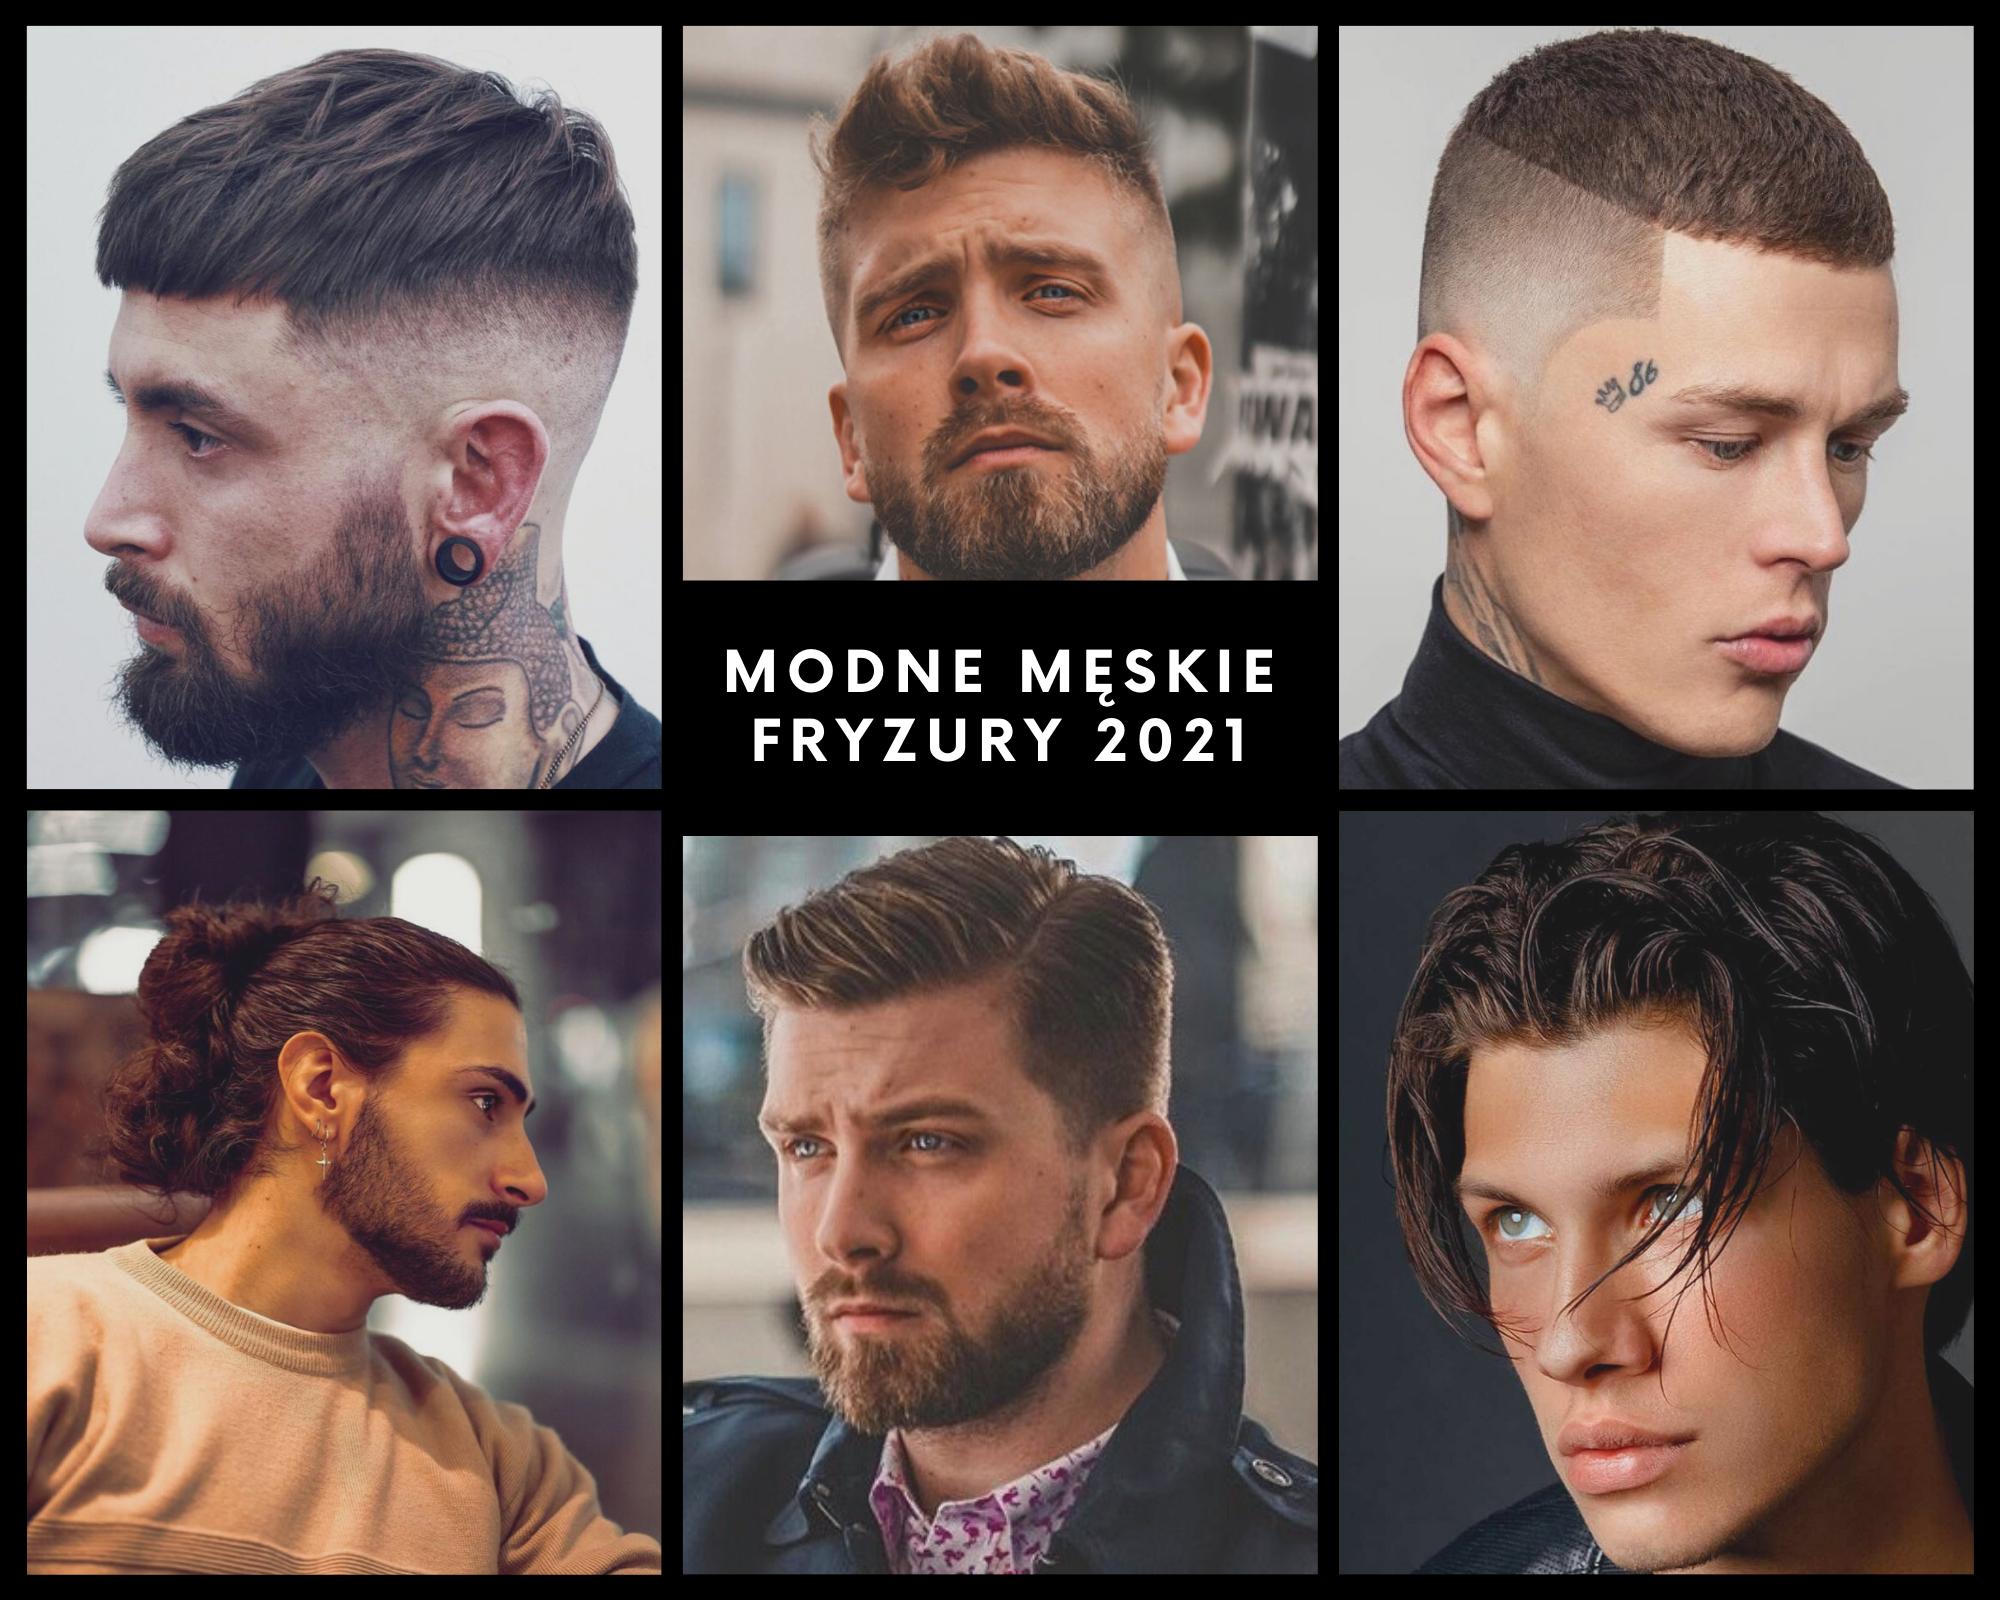 Modne męskie fryzury 2021